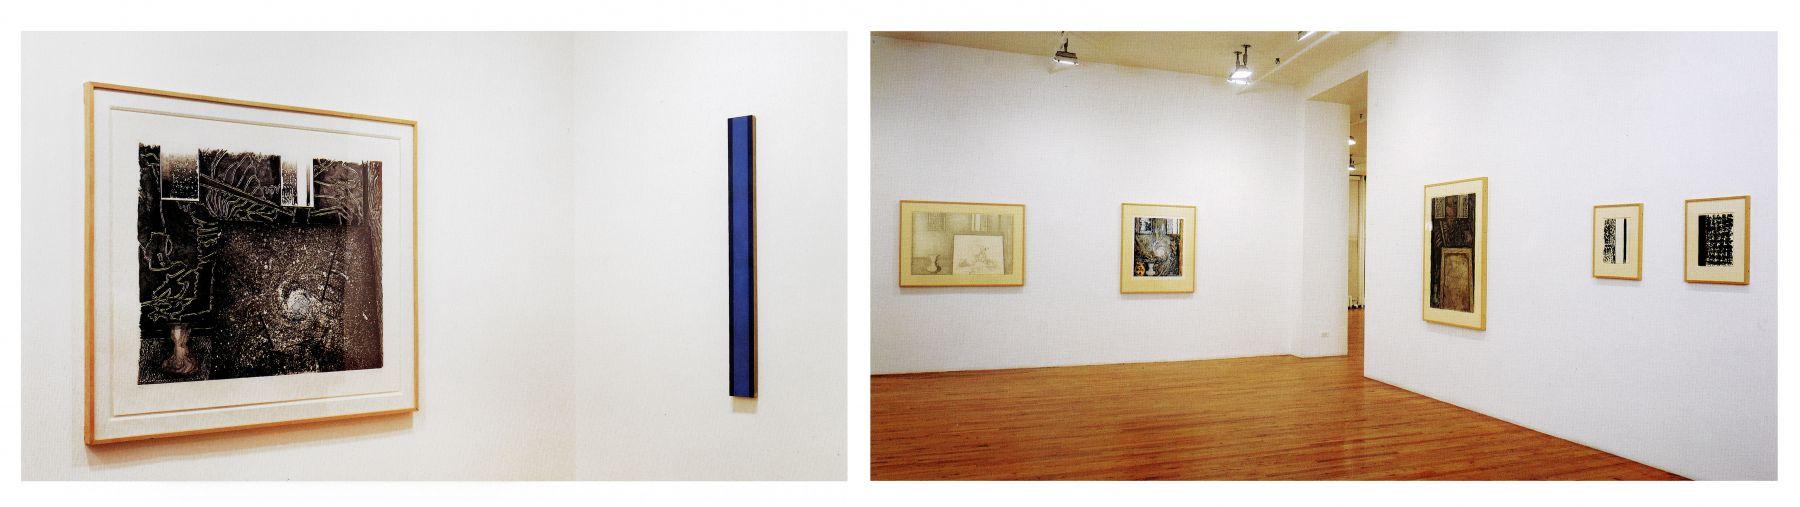 Jasper Johns, References to Barnett Newman Nov 18,1999-Jan 15,2000